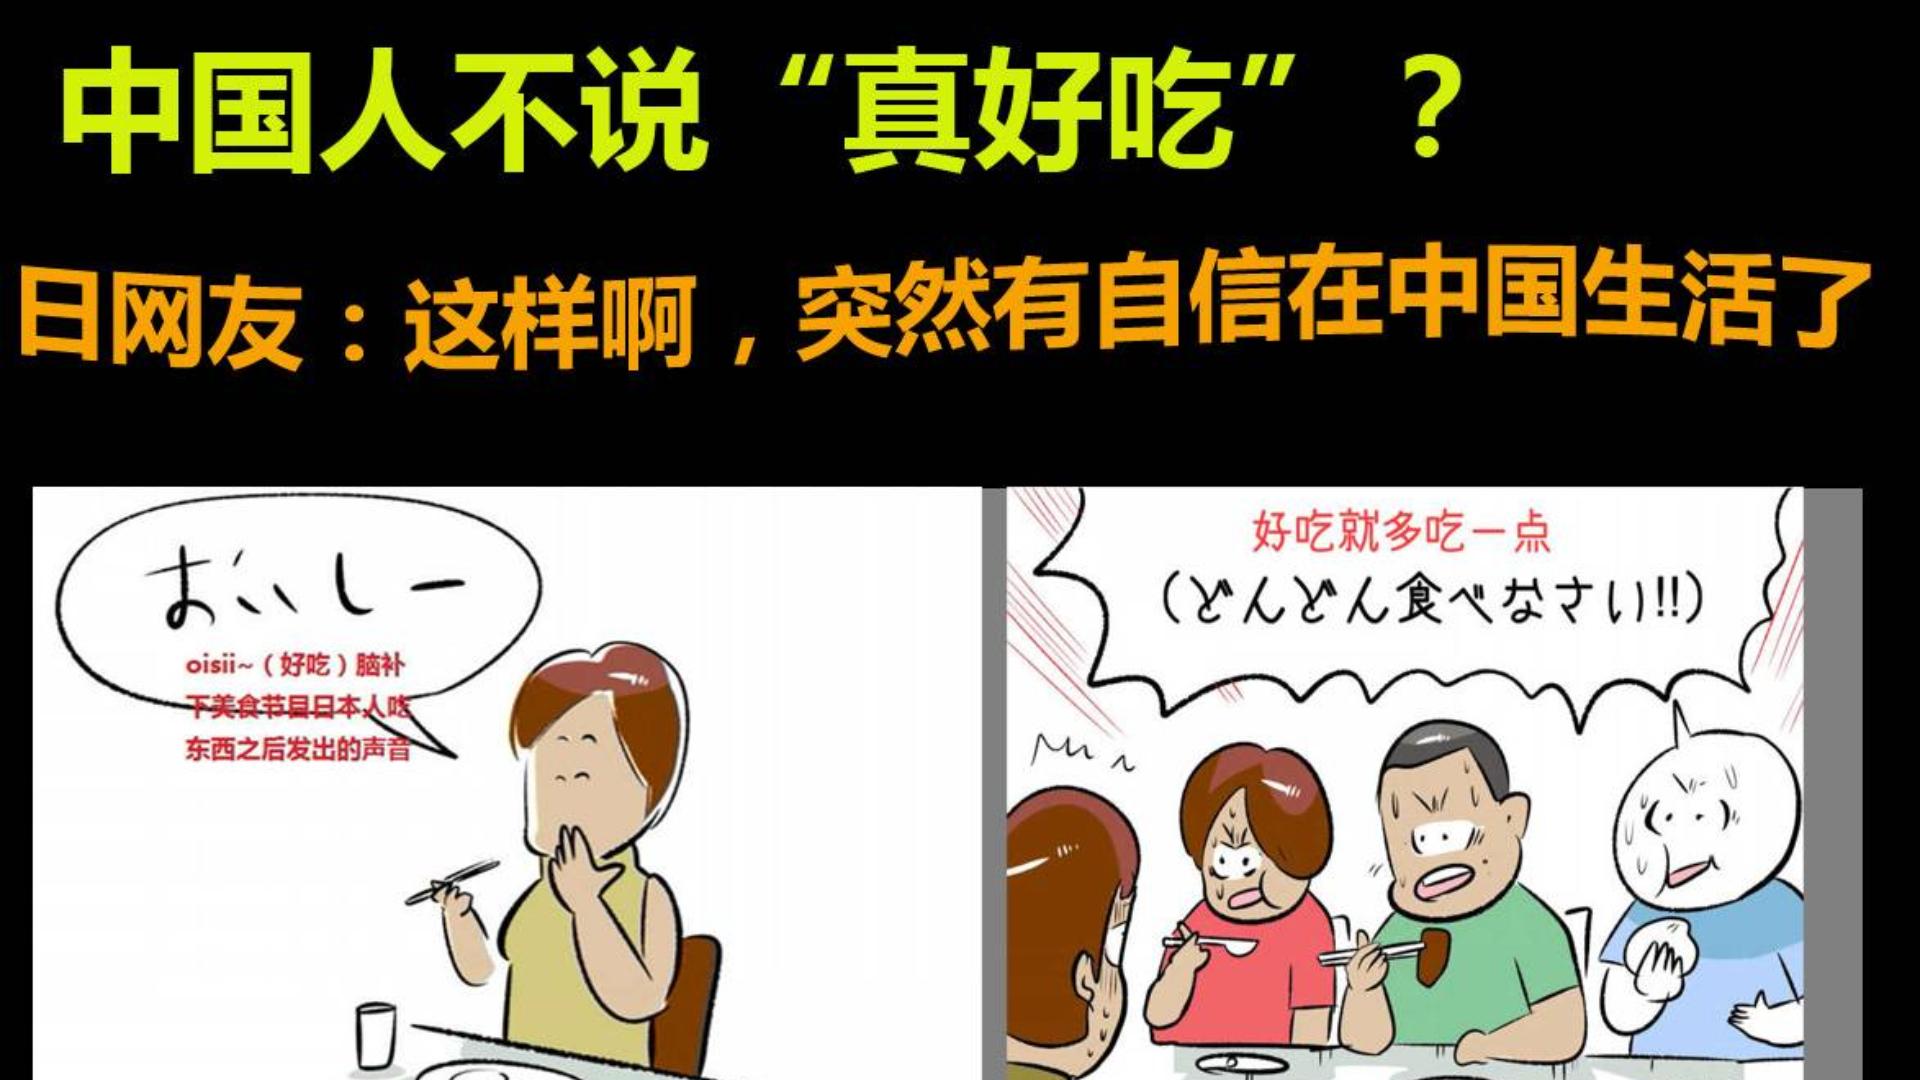 """中国人不说""""真好吃""""?"""